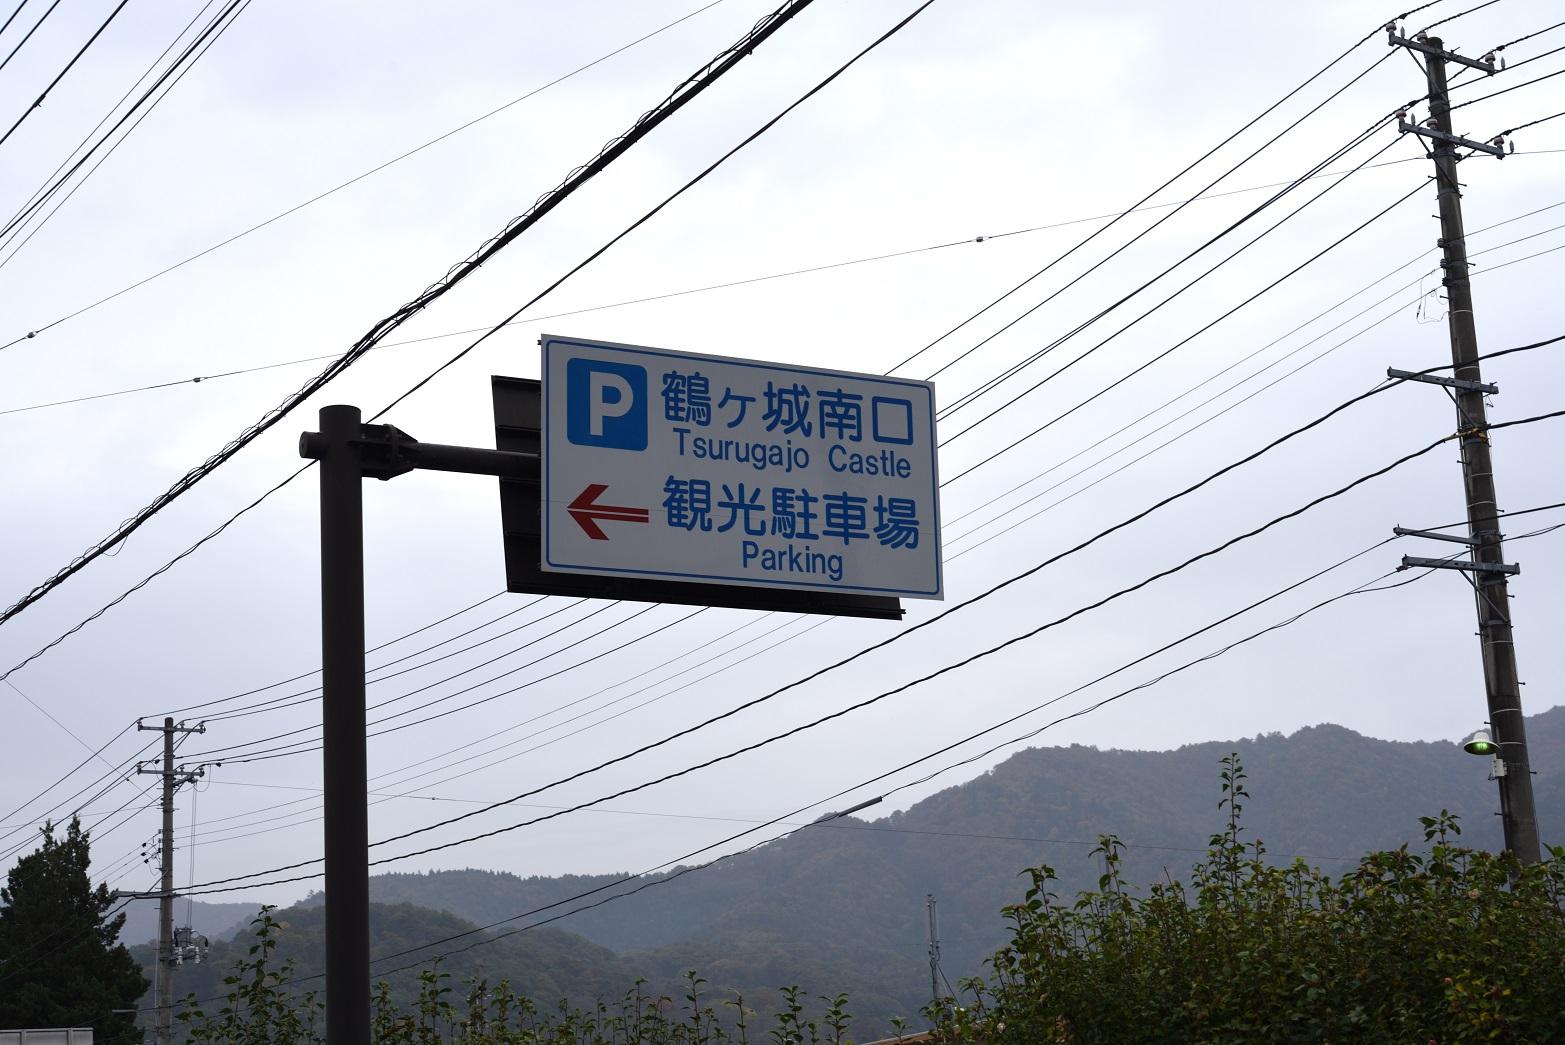 鶴ヶ城南口観光駐車場